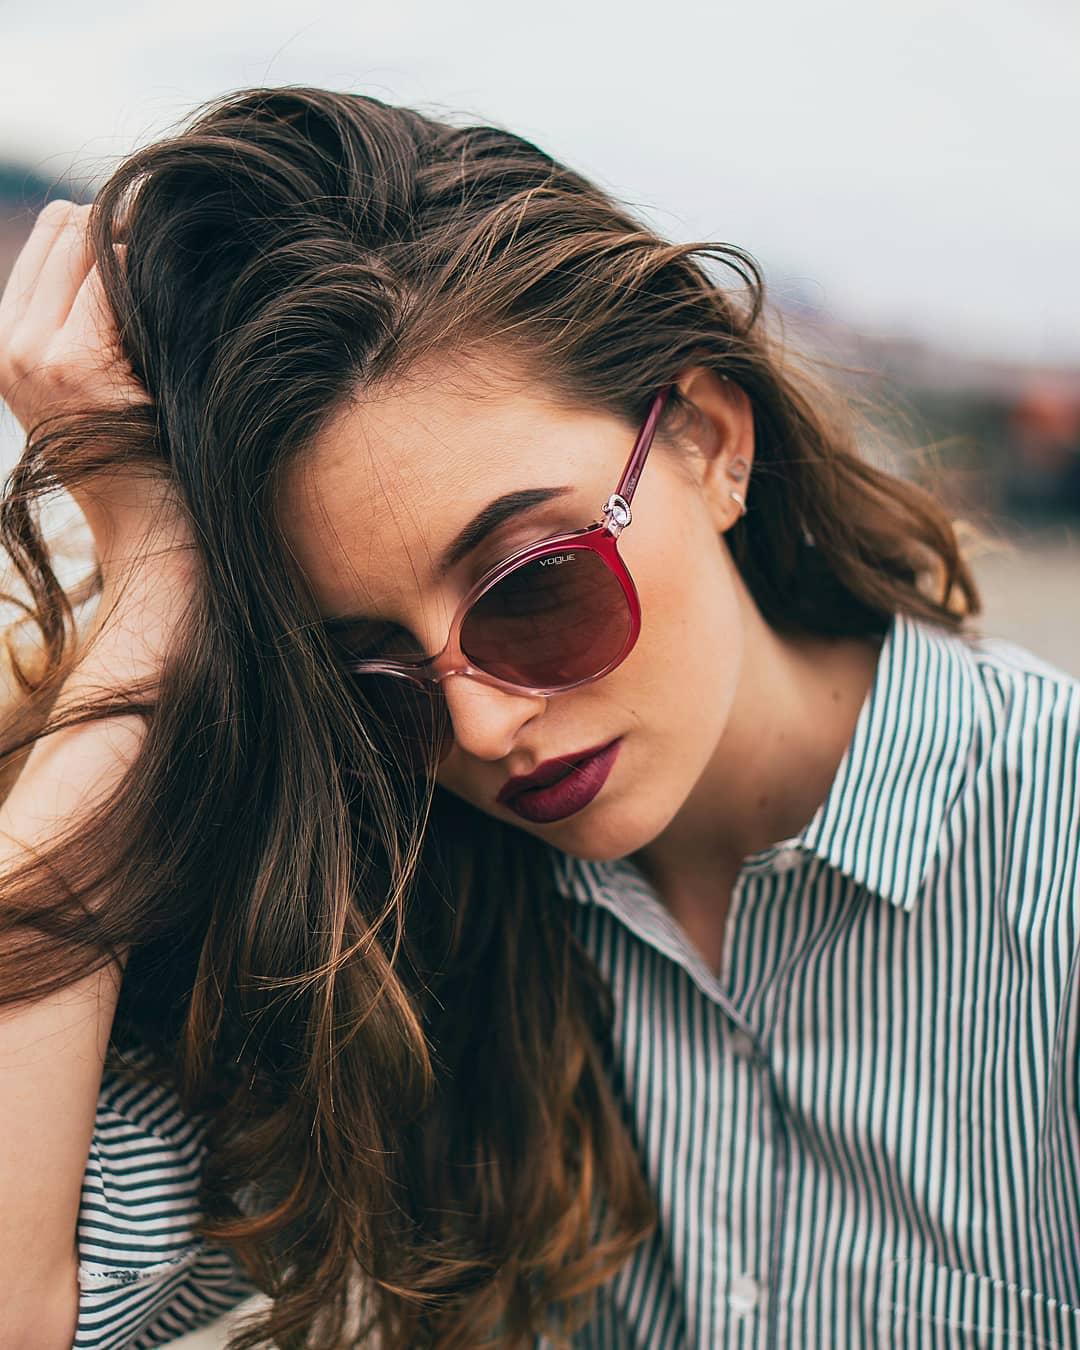 A jaký typ slunečních brýlí nosíte nejraději vy?  . #vogueeyewear #letsvogue #vasecocky #slunecnibryle #sunglasses #dnesnosim